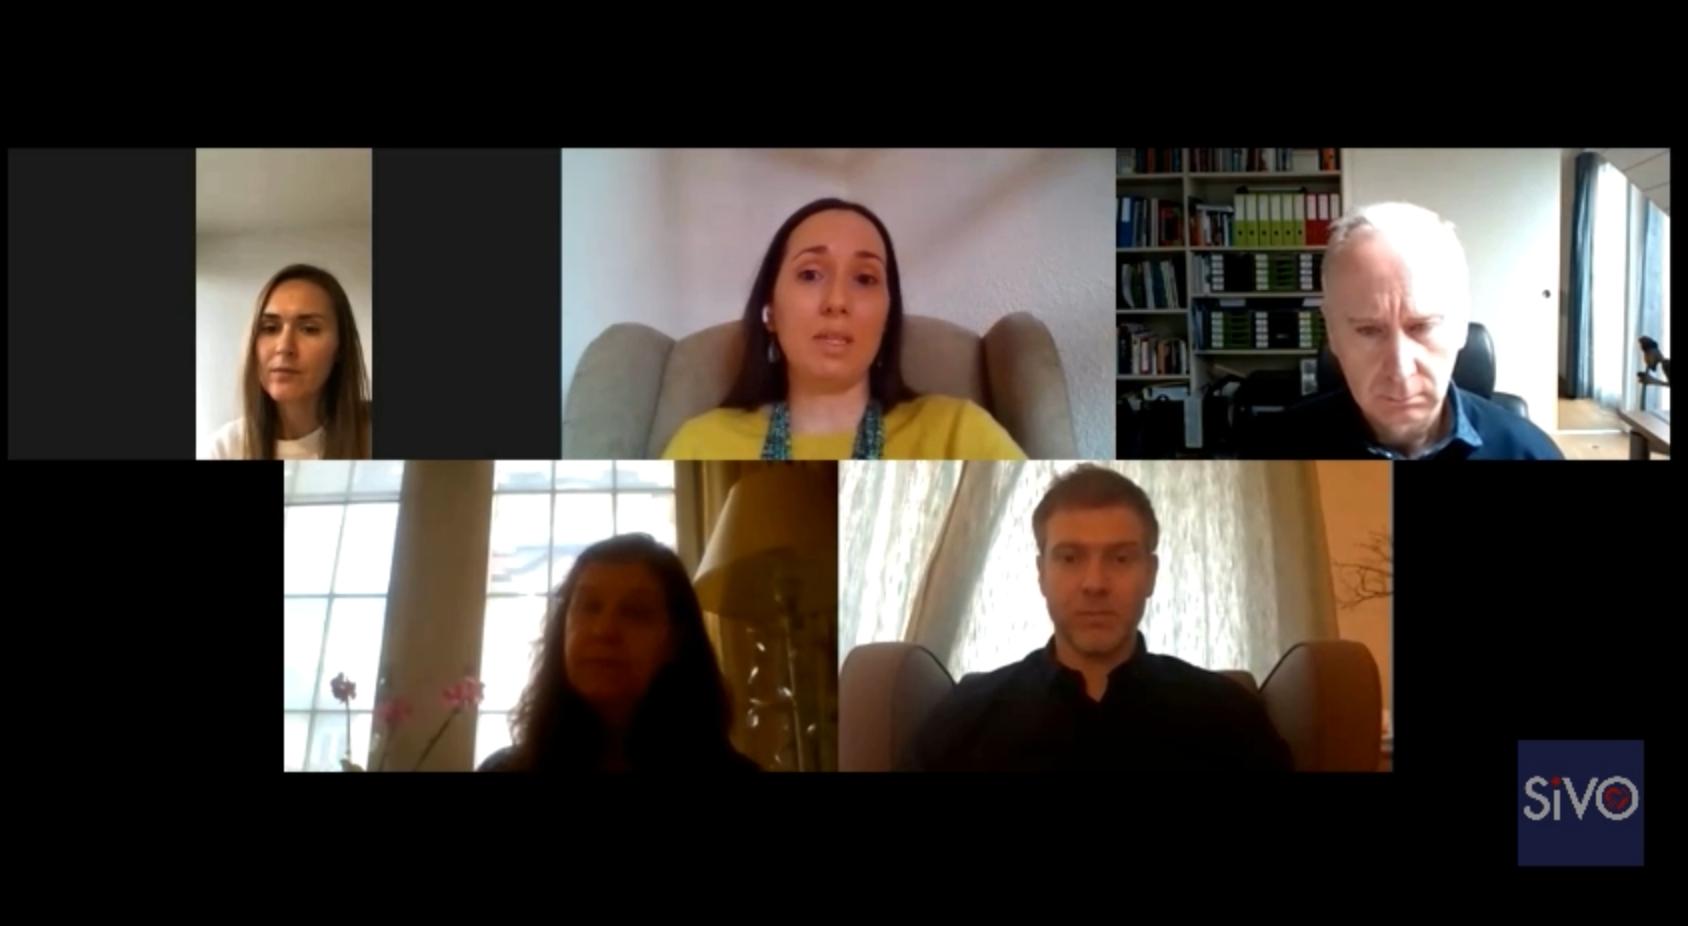 SIVO mental health discussion